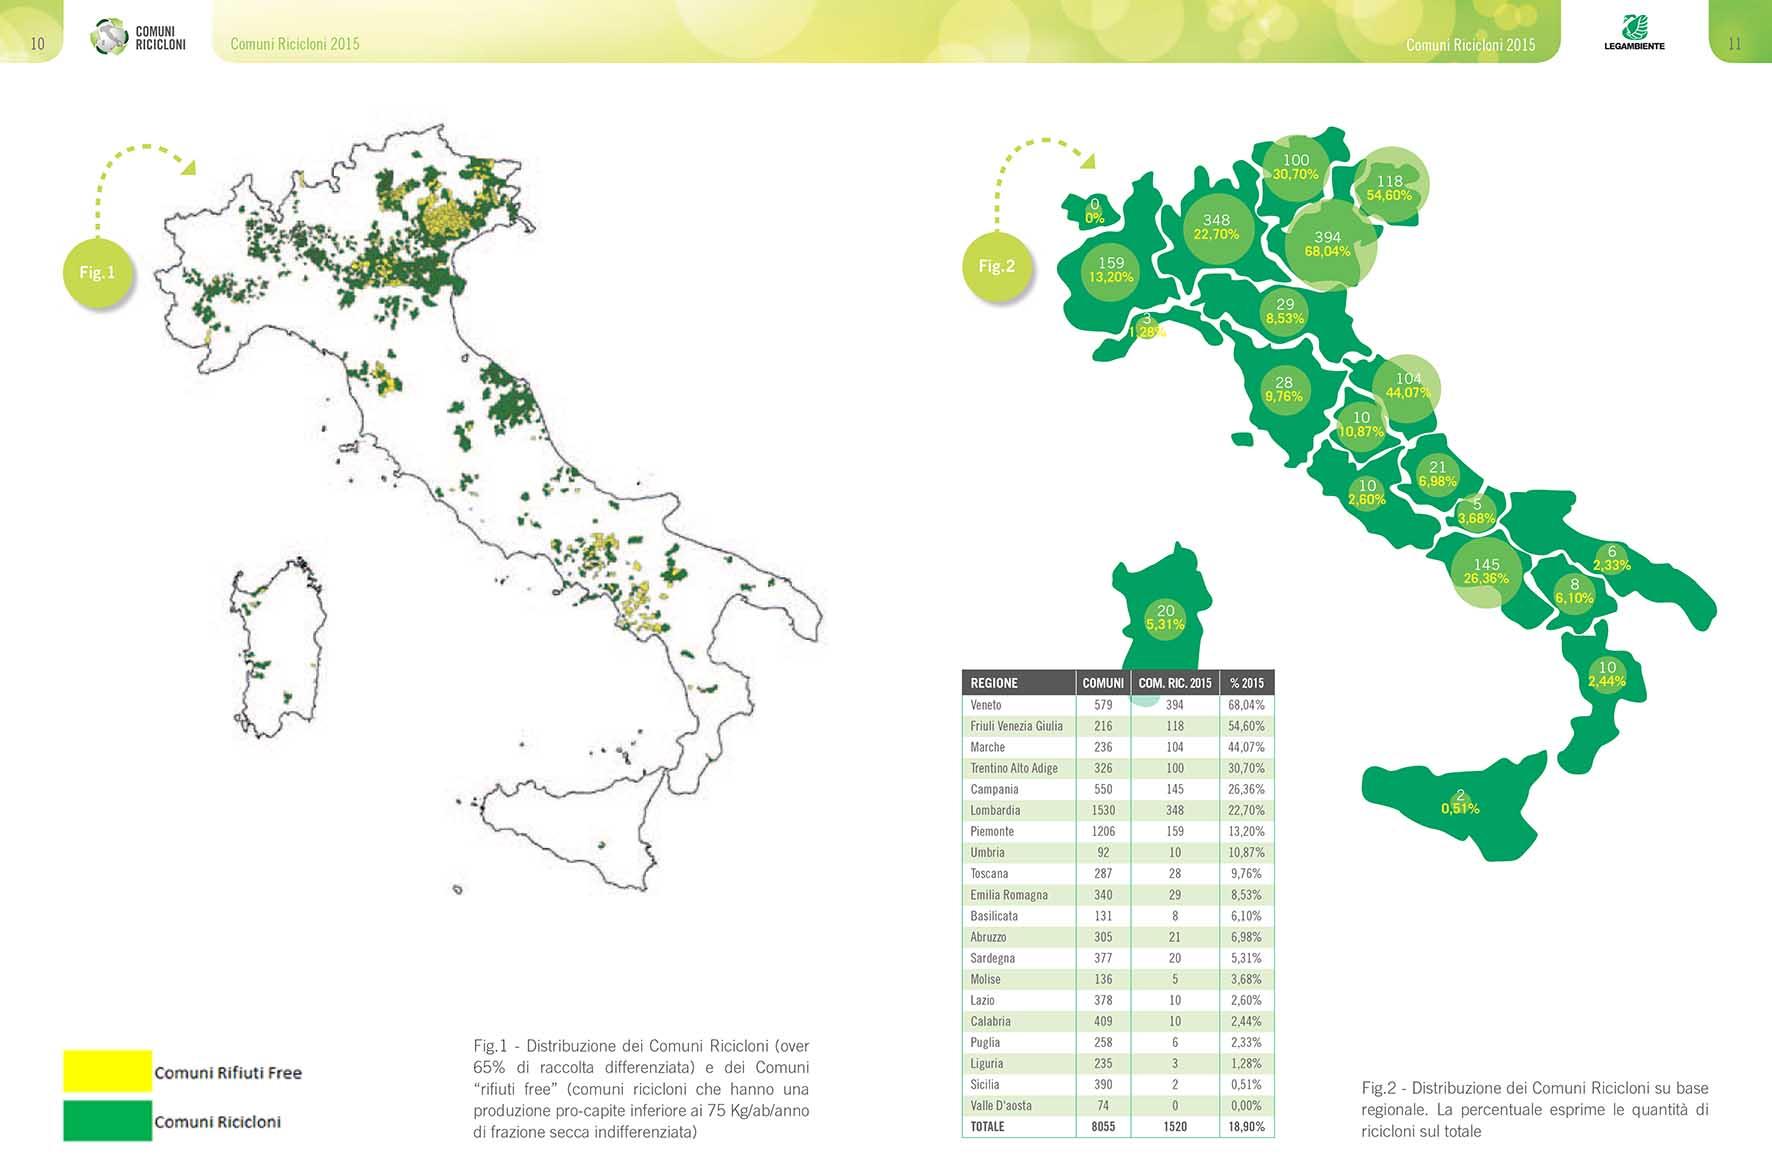 comuni ricicloni 2015 mappa italia